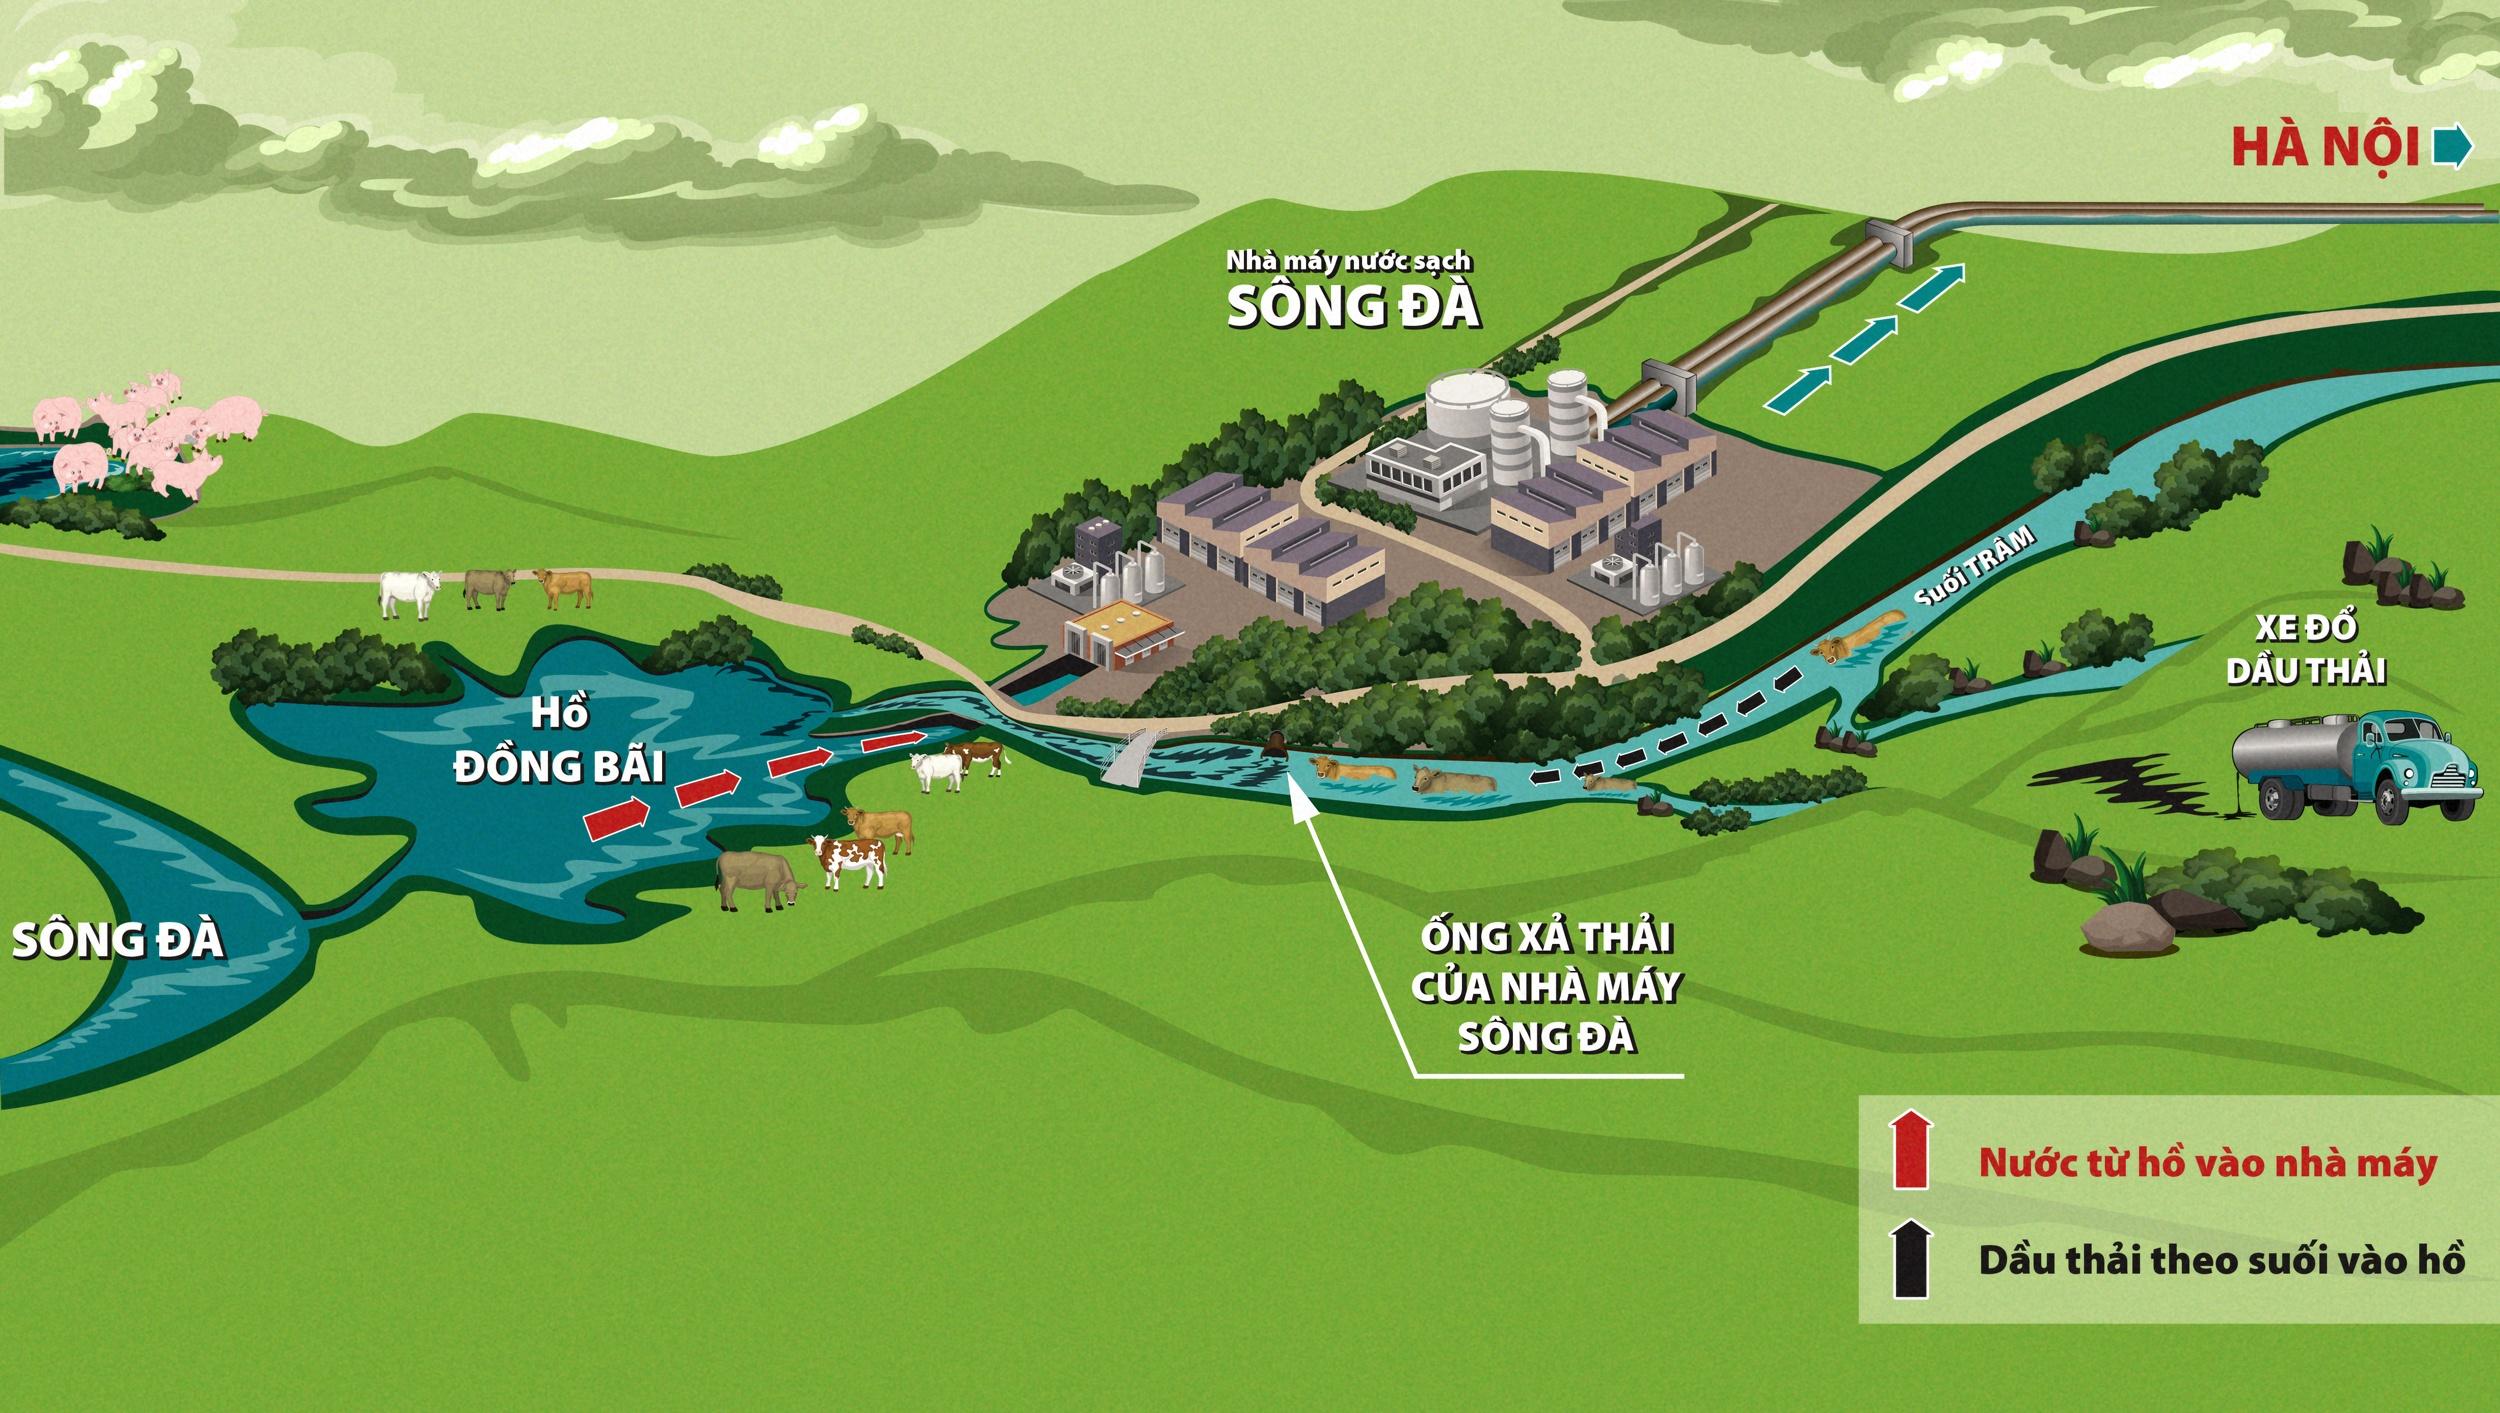 Nước sạch sông Đà, nước ăn hàng ngày - những 'lỗ hổng chết người'